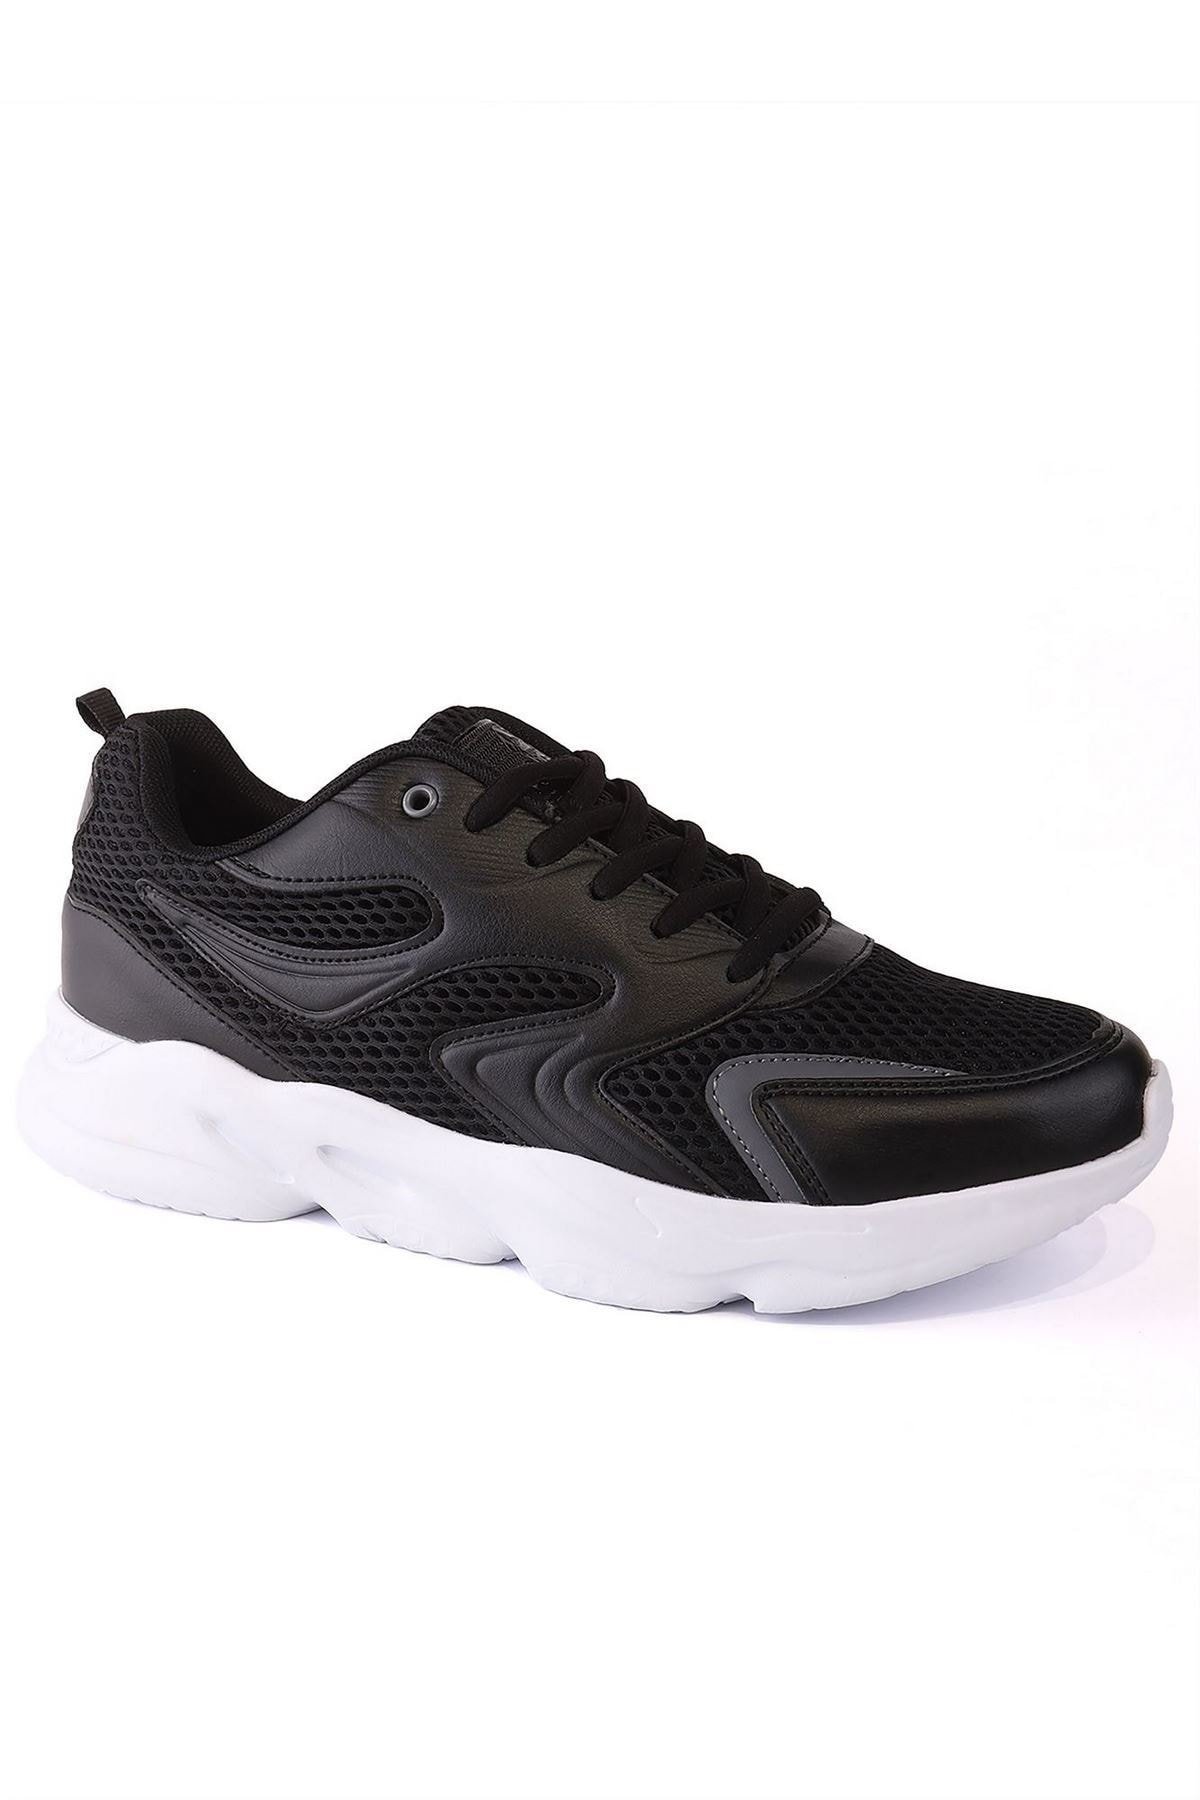 LETOON Erkek Casual Ayakkabı - LEVAMR 2